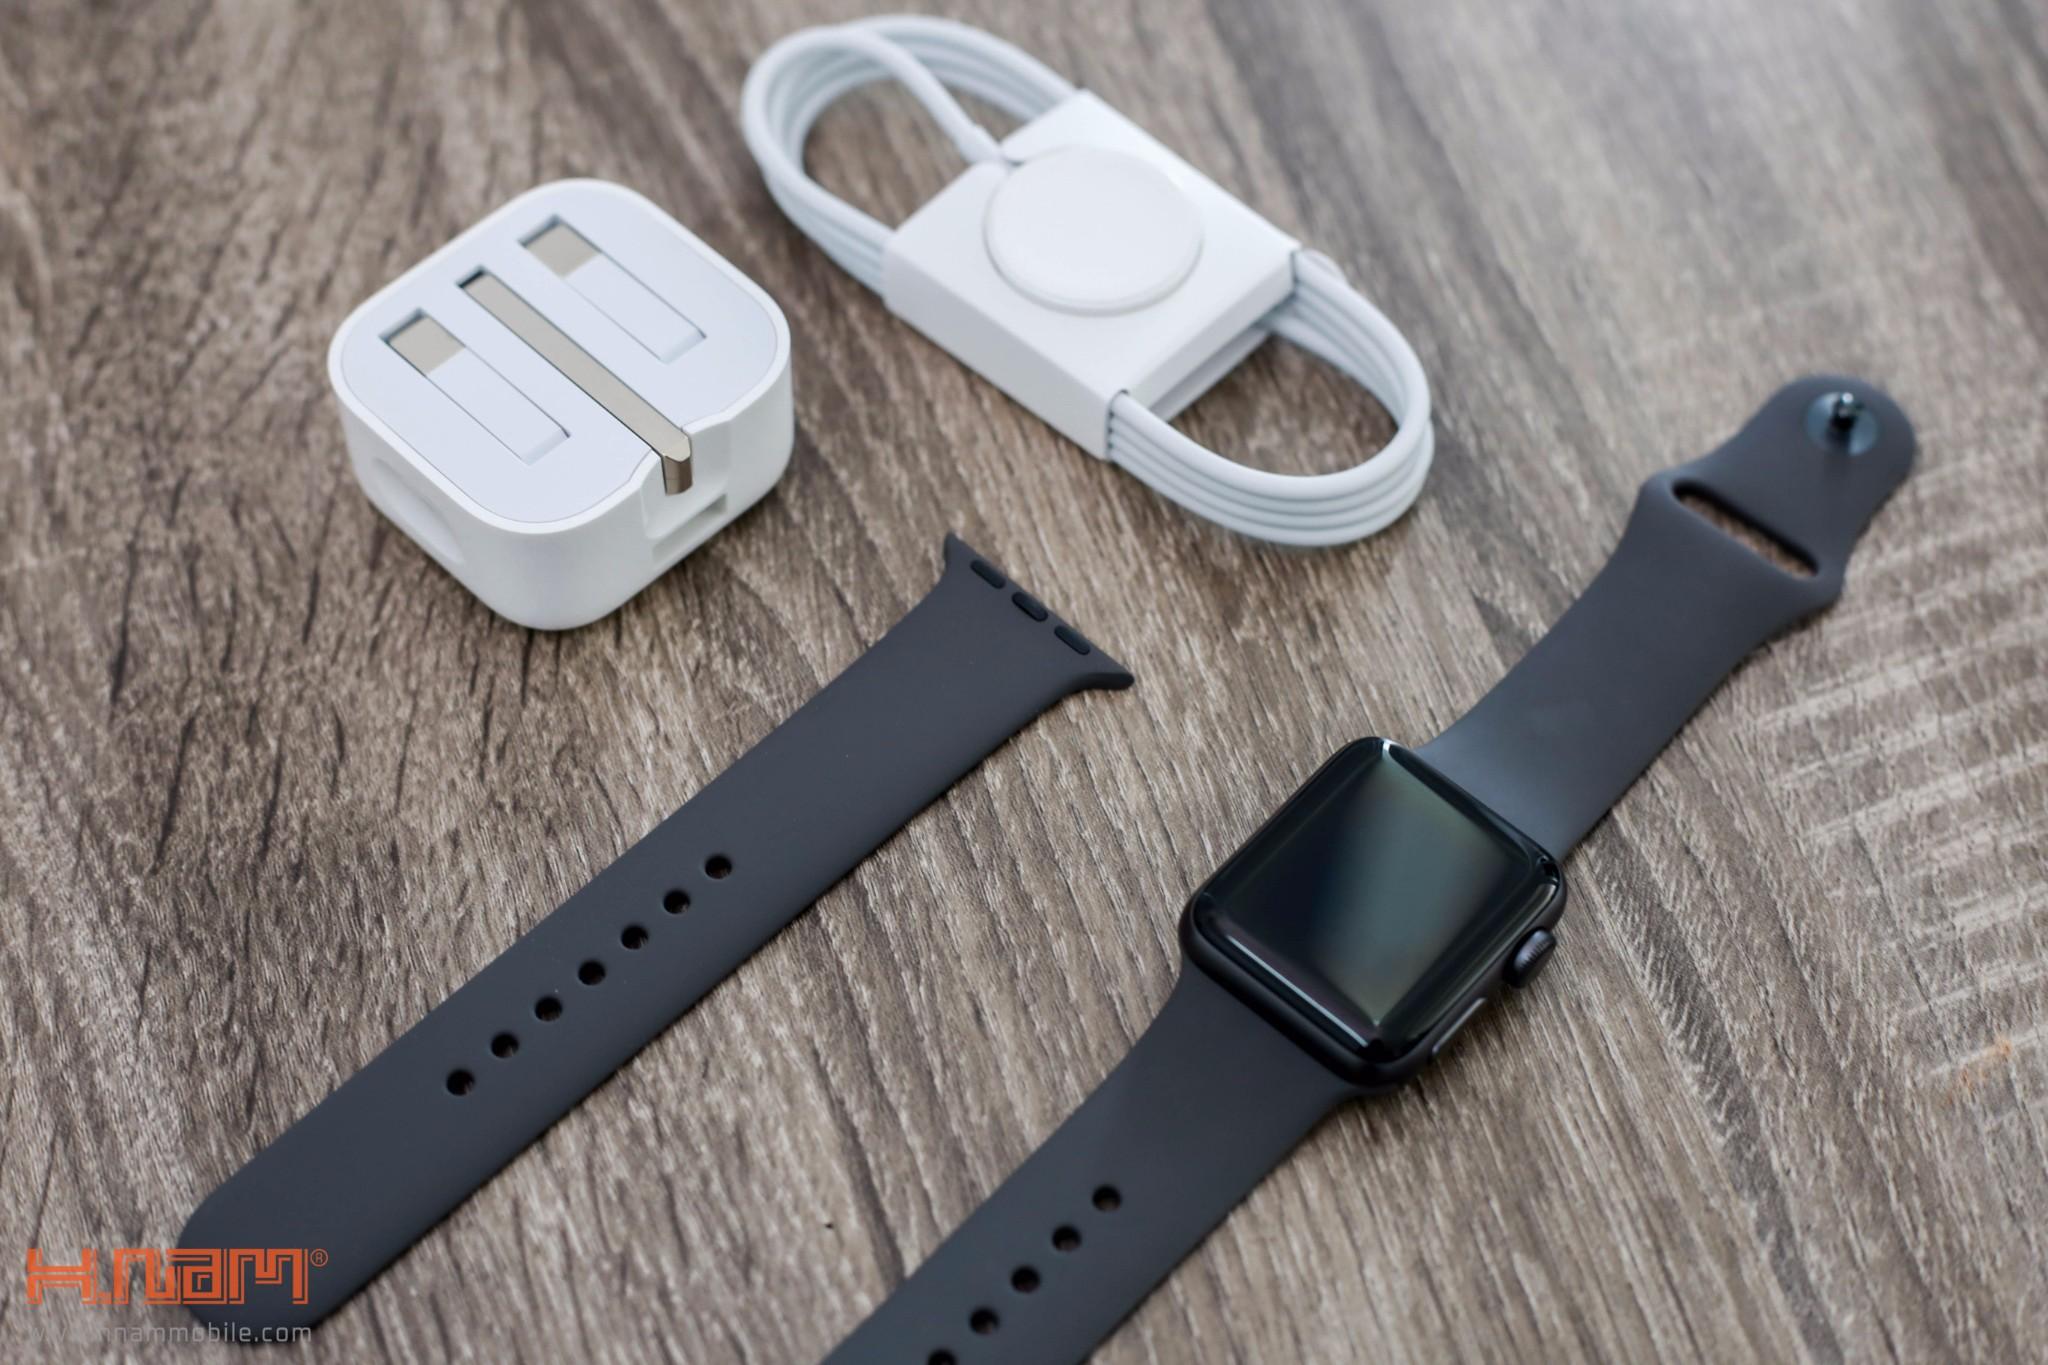 Đập 2 hộp Apple Watch Series 3: Vẫn rất đẹp và hiện đại, cấu hình mạnh hơn hình 6